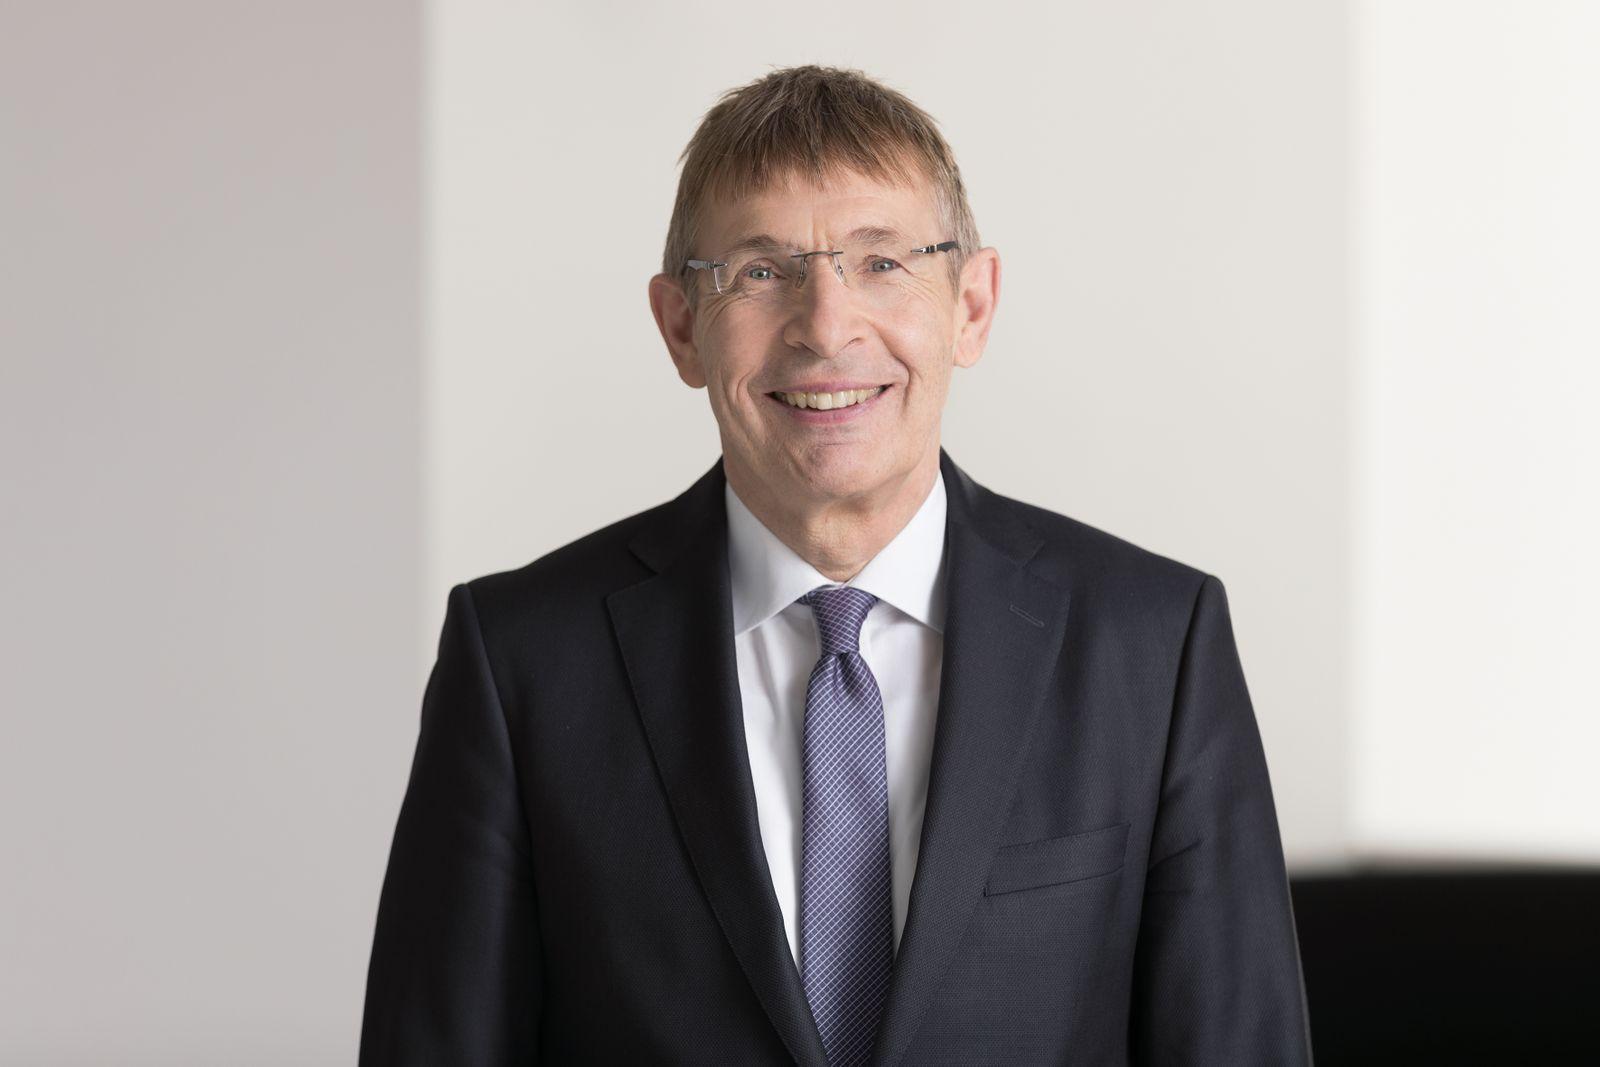 Präsidenten des Paul-Ehrlich-Institut (PEI)